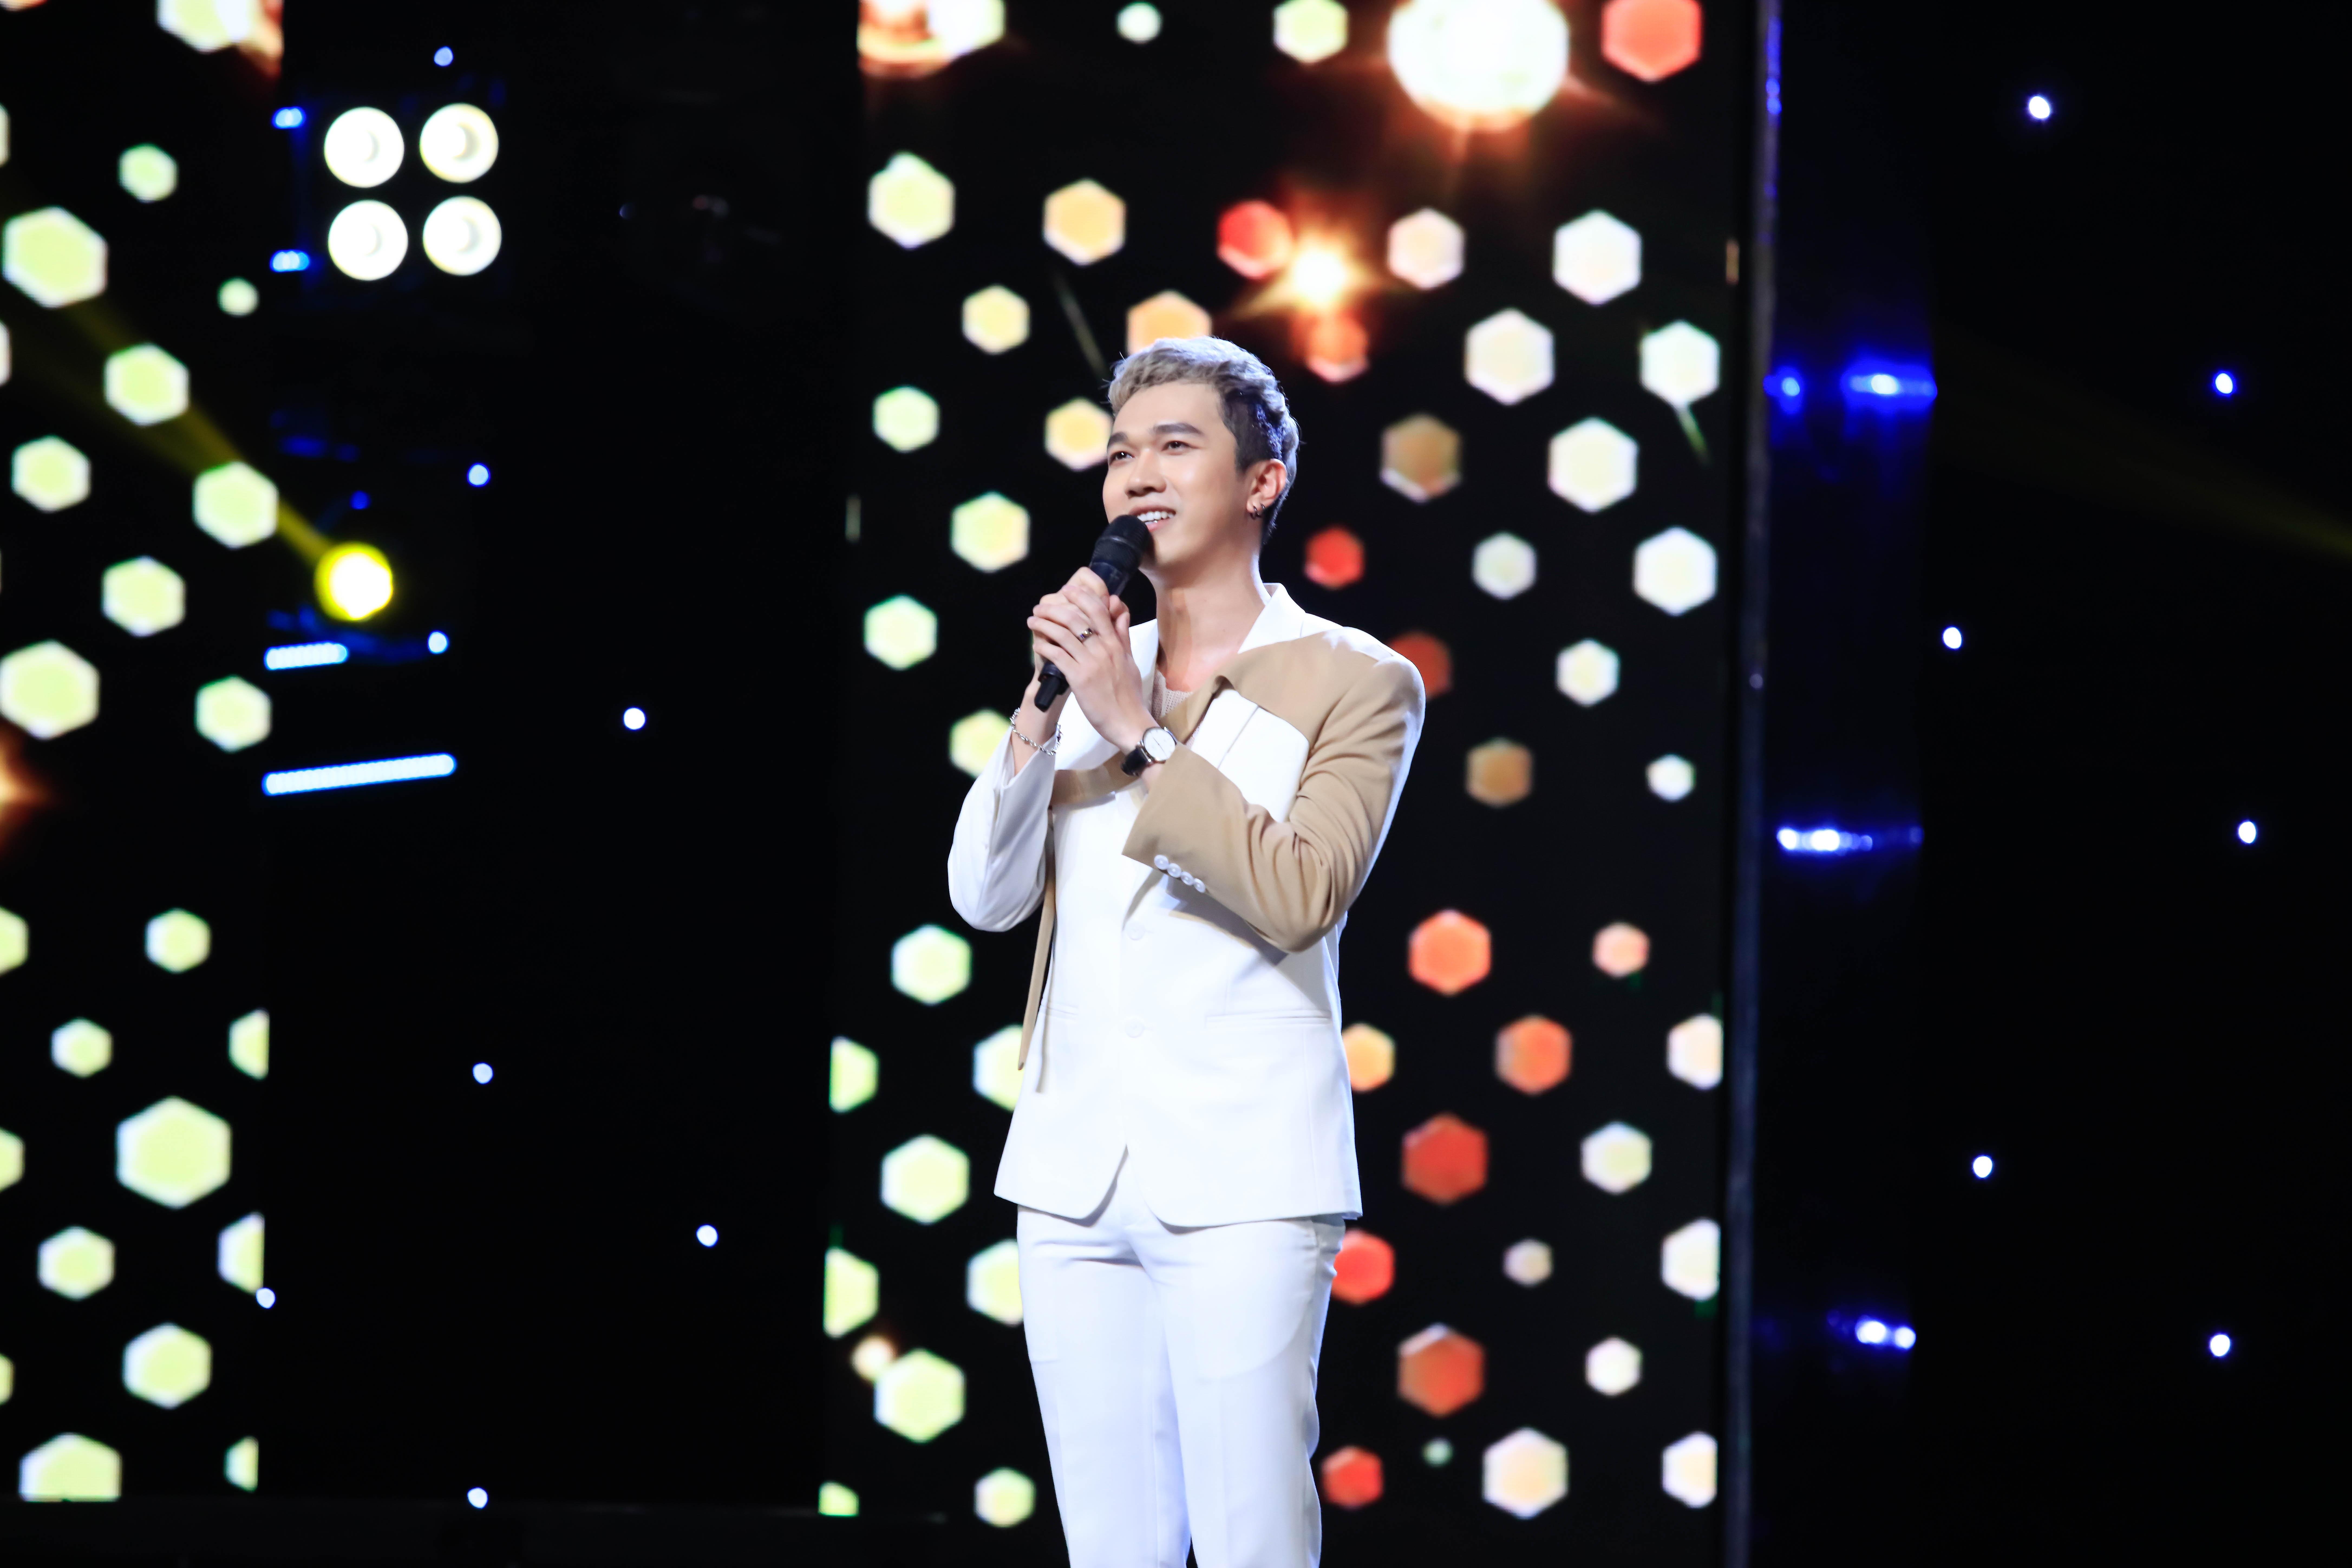 Thiện Nhân xinh đẹp, khác lạ sau 5 năm đăng quang The Voice Kids - 6